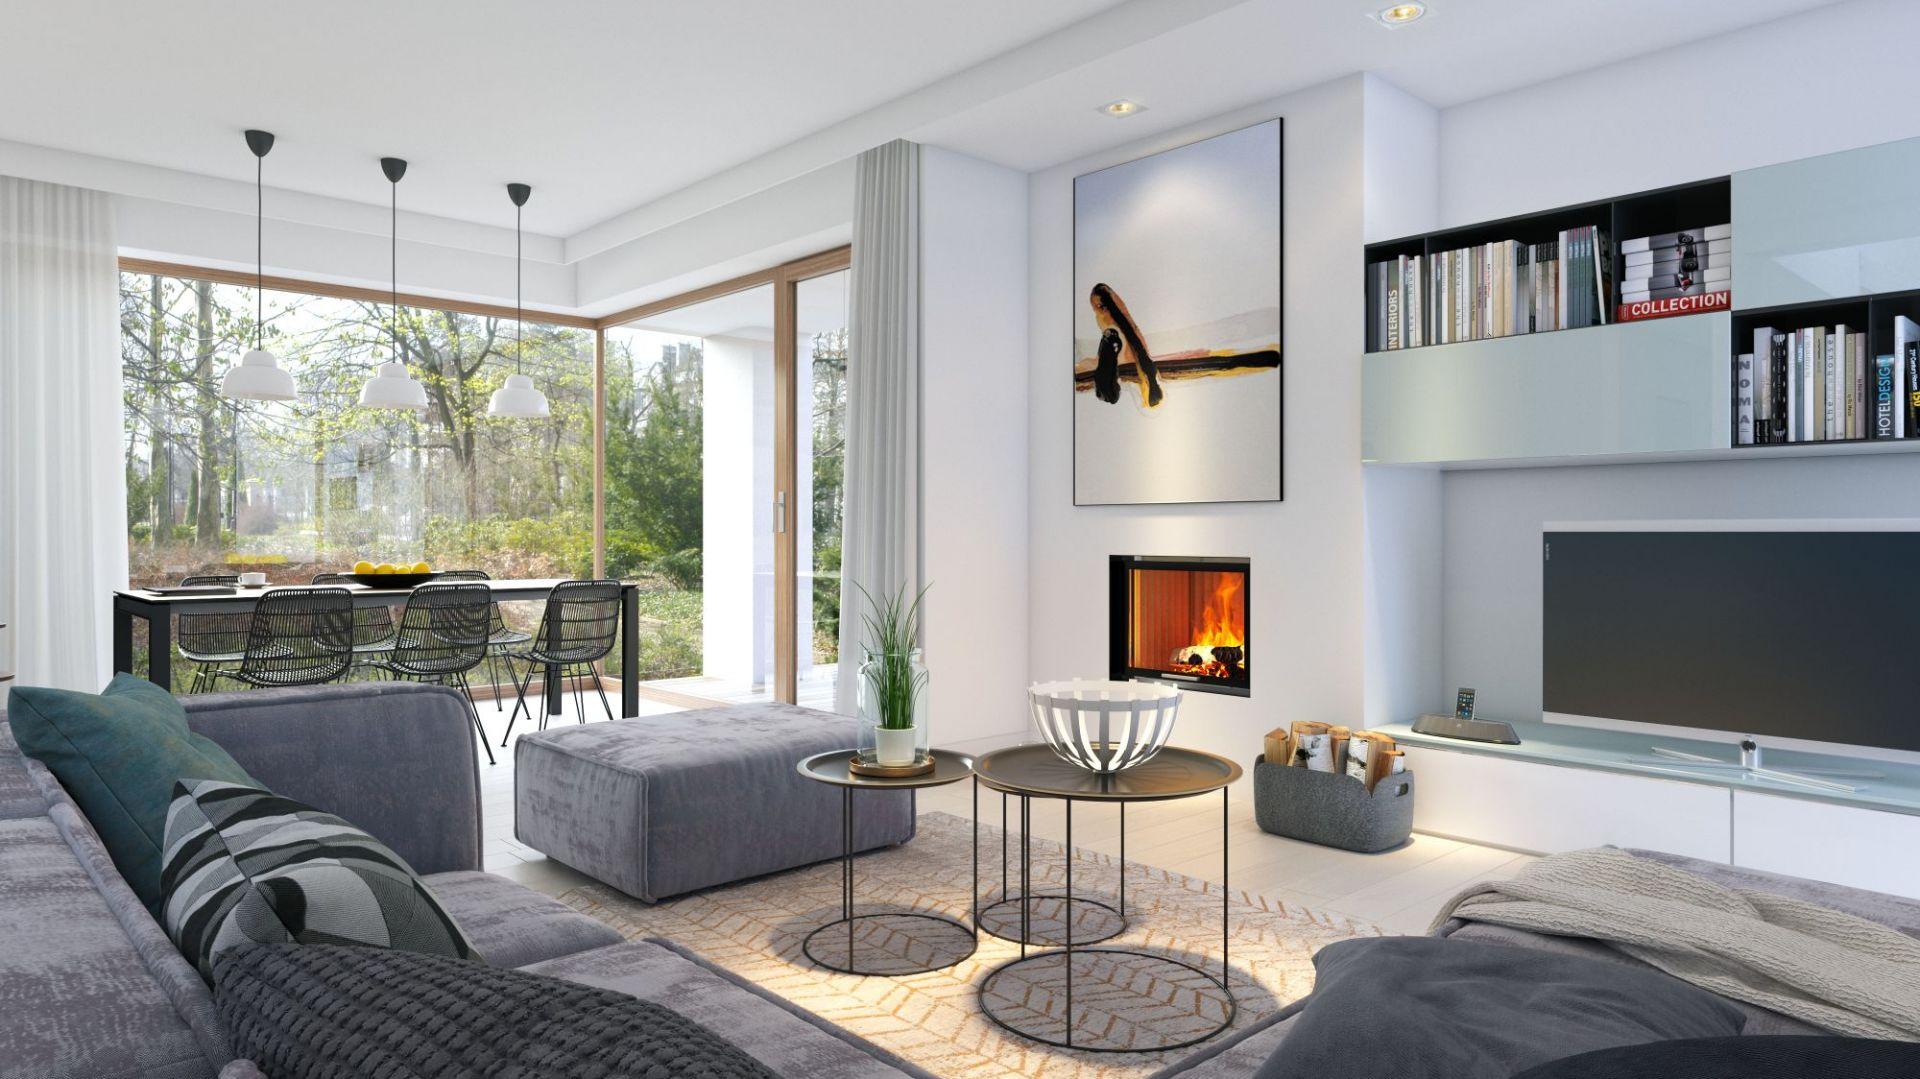 W minimalistycznie urządzonym salonie ozdobą wnętrza jest kominek. Dom Miły 1. Projekt: arch. Elżbieta Wysocka, arch. Krzysztof Borowski. Fot. Domy z Wizją